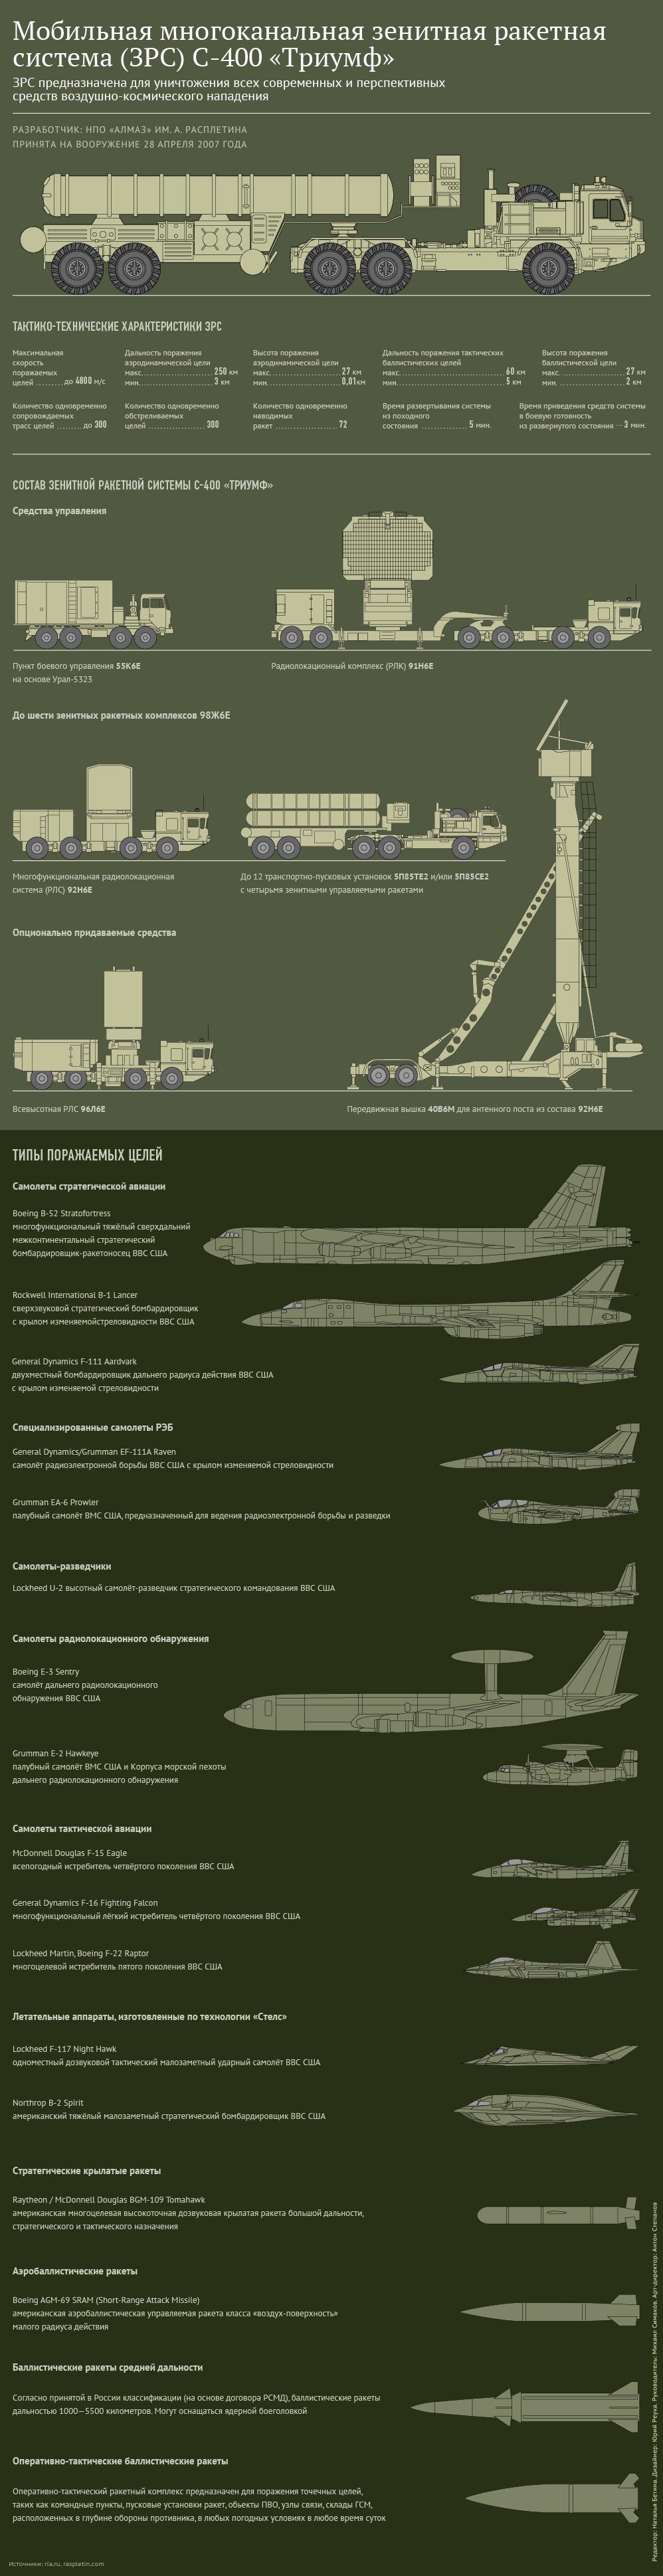 Россия и Китай объединяются в военно-политический союз против одичавшего Запада